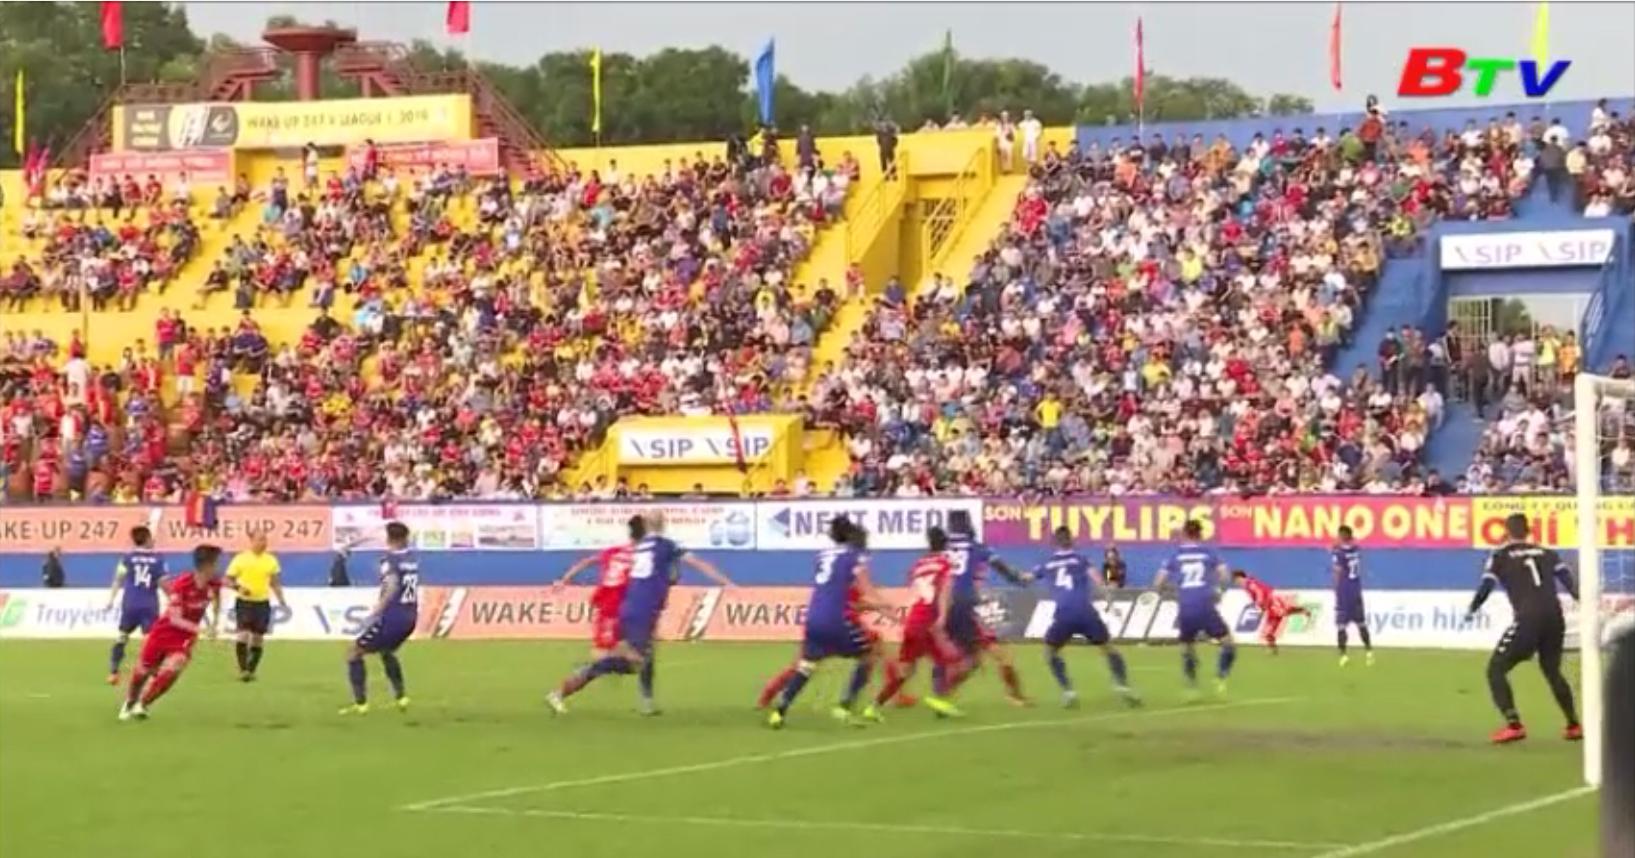 B.Bình Dương thắng Hoàng Anh Gia Lai 3 - 0, Vòng 21 V.League 2019